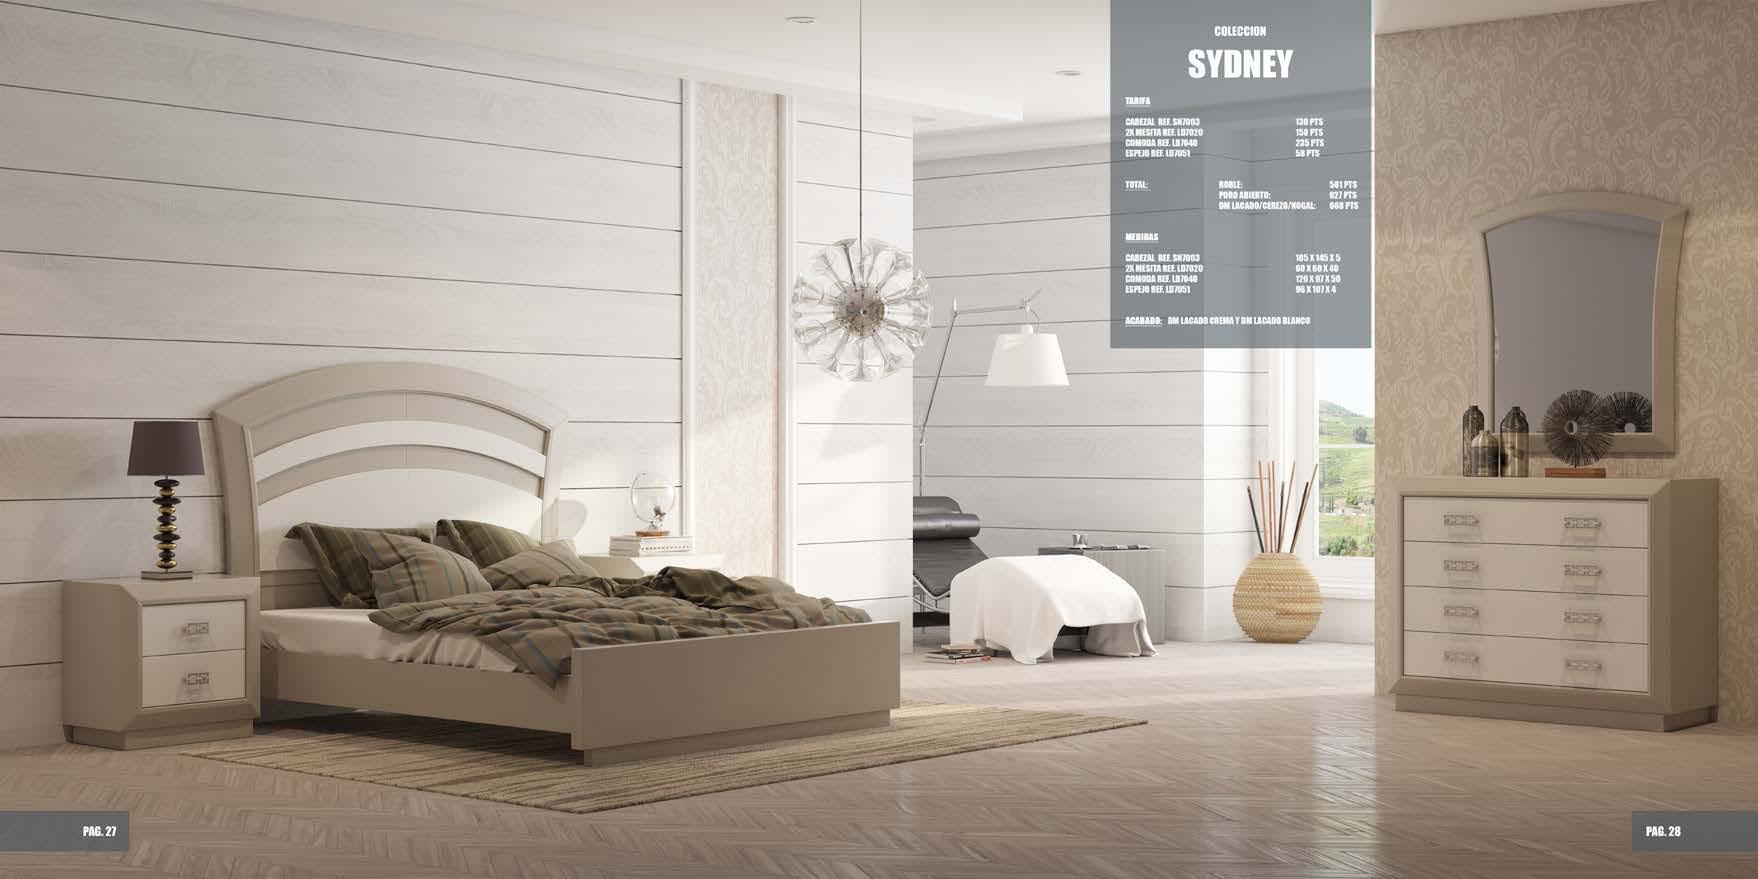 sydney-dormitorio-02